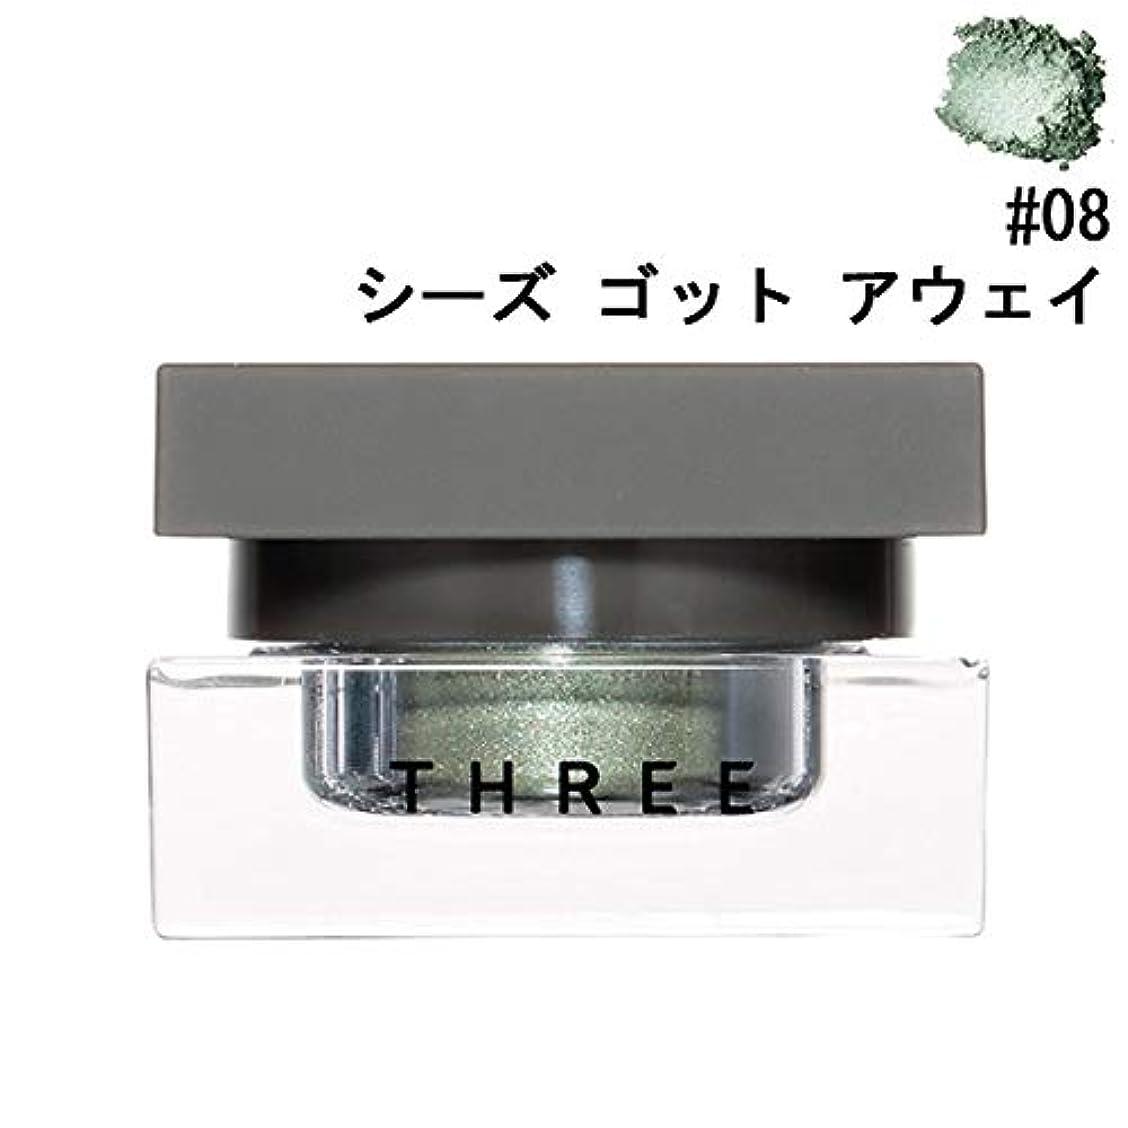 【スリー】シマリングカラーヴェール ステートメント #08 シーズ ゴット アウェイ 1.5g